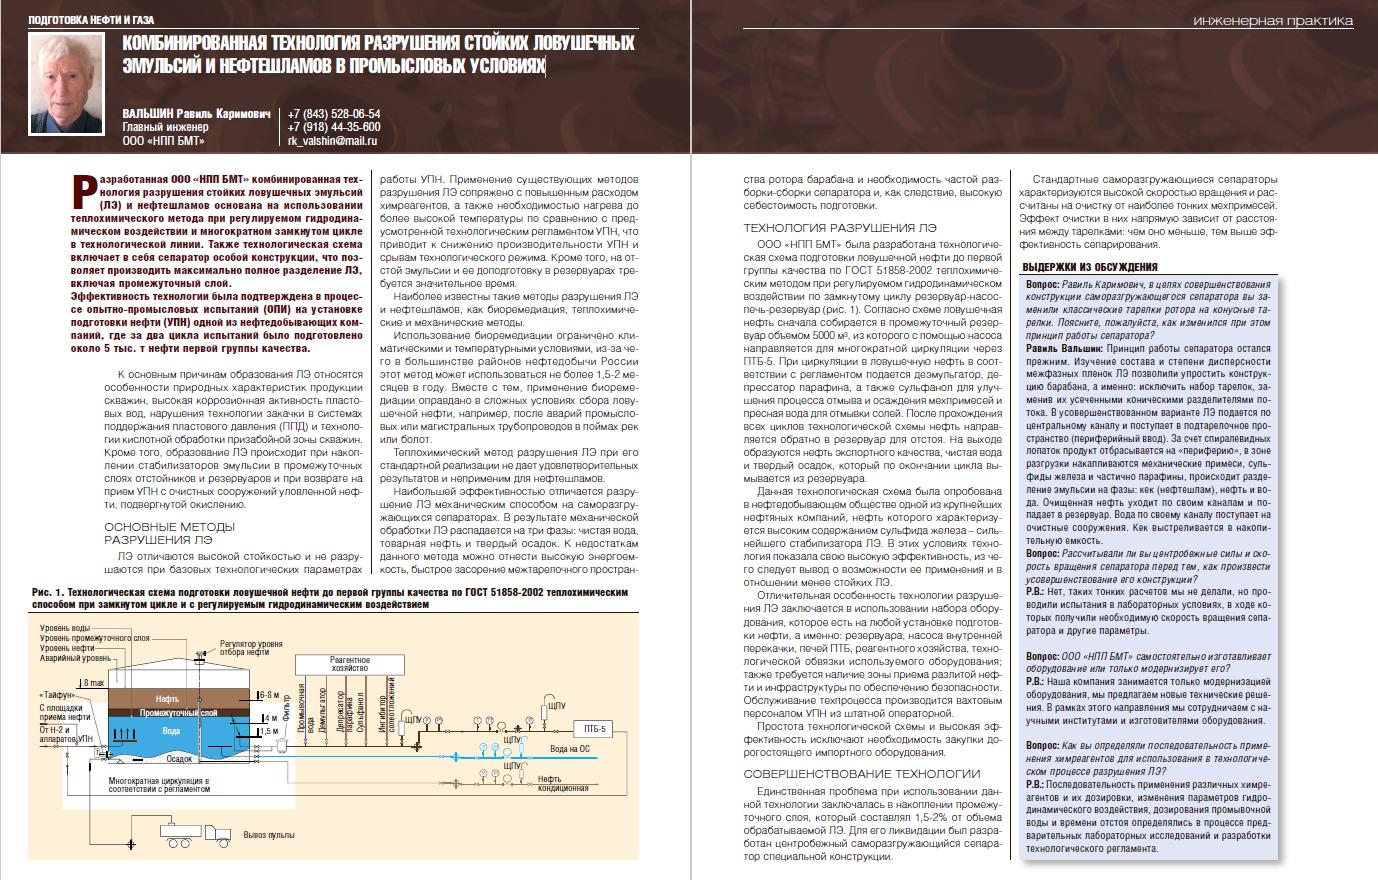 22616 Комбинированная технология разрушения стойких ловушечных эмульсий и нефтешламов в промысловых условиях